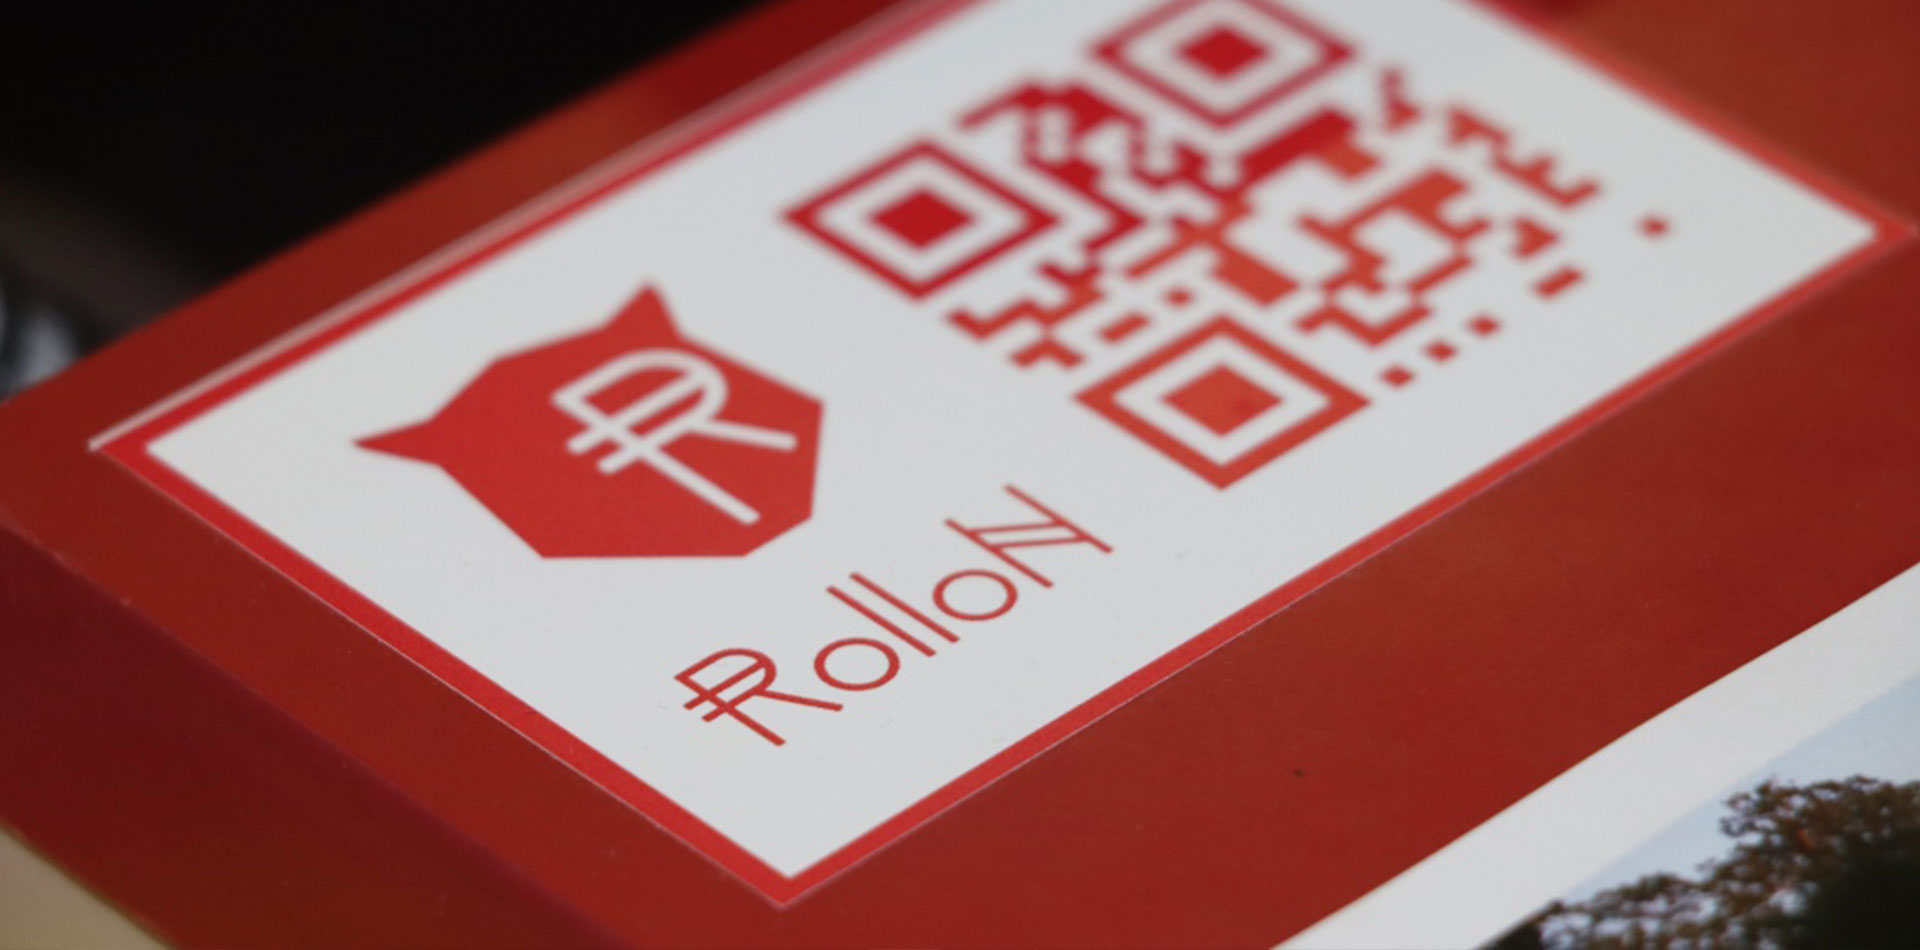 Le RolloN : une monnaie pour soutenir une économie durable et régionale